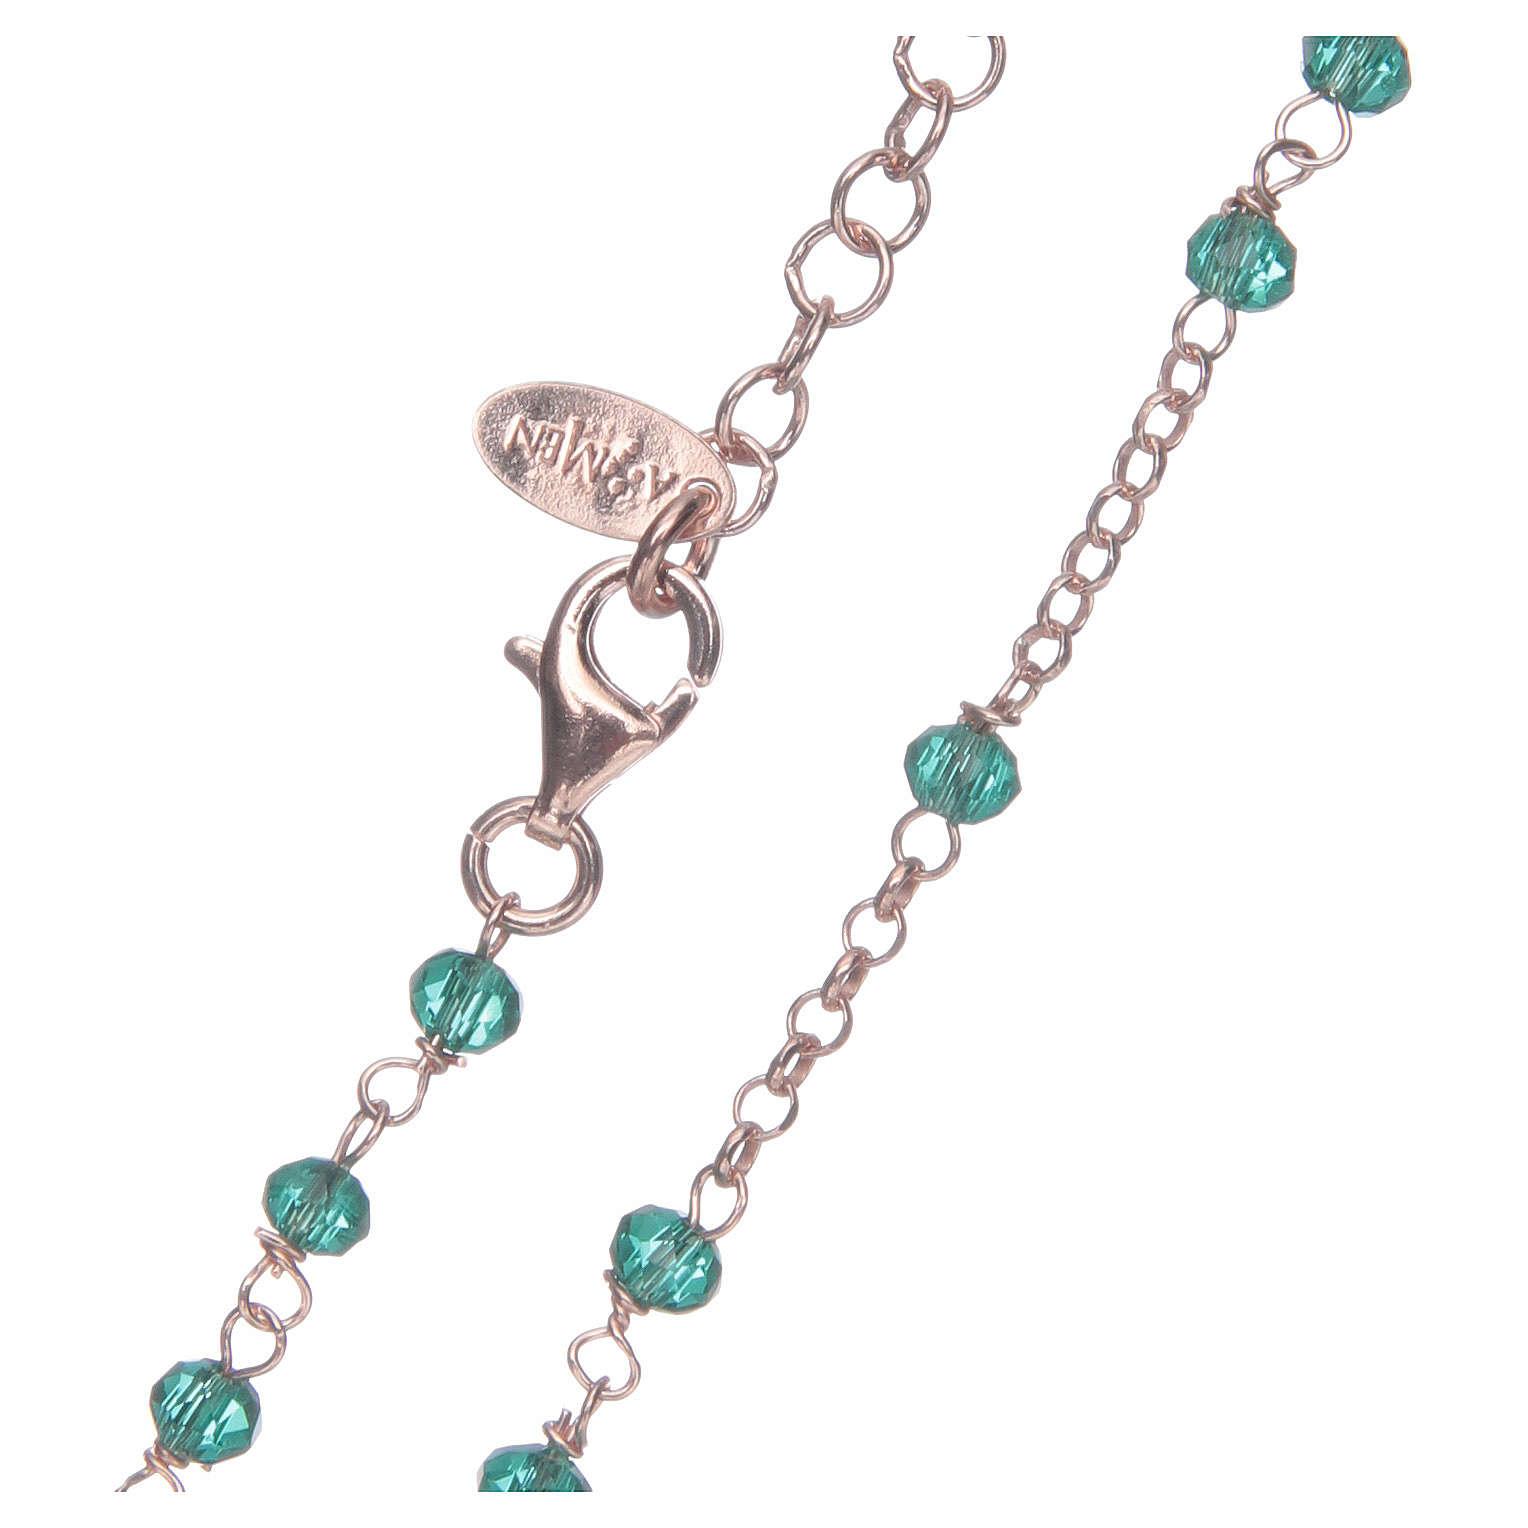 Colar terço AMEN clássico cristais verdes prata 925 acab. rosê 4